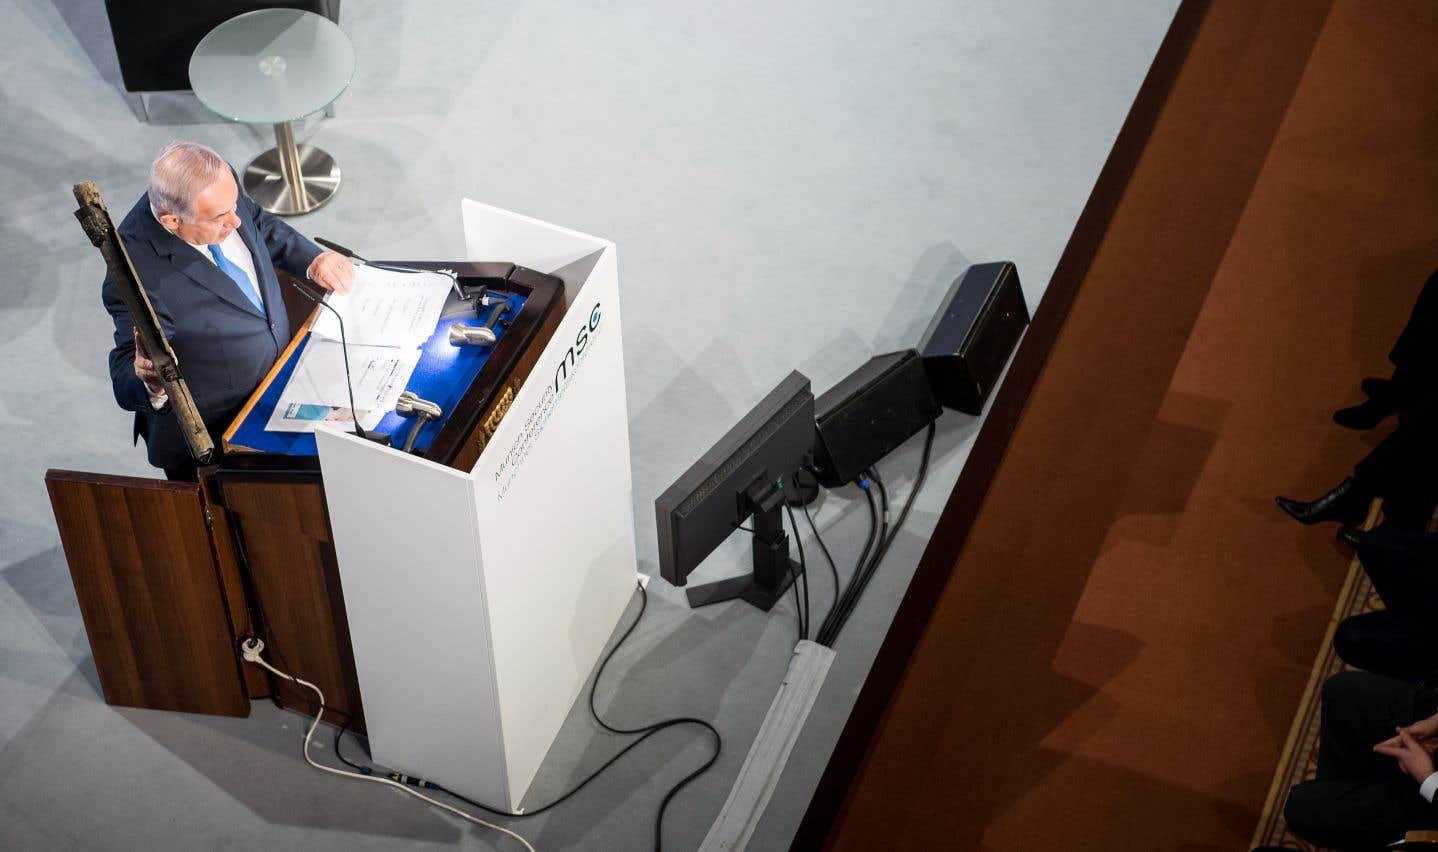 Le premier ministre israélien, Benjamin Nétanyahou,participait à la Conférence sur la sécurité de Munich, dimanche.